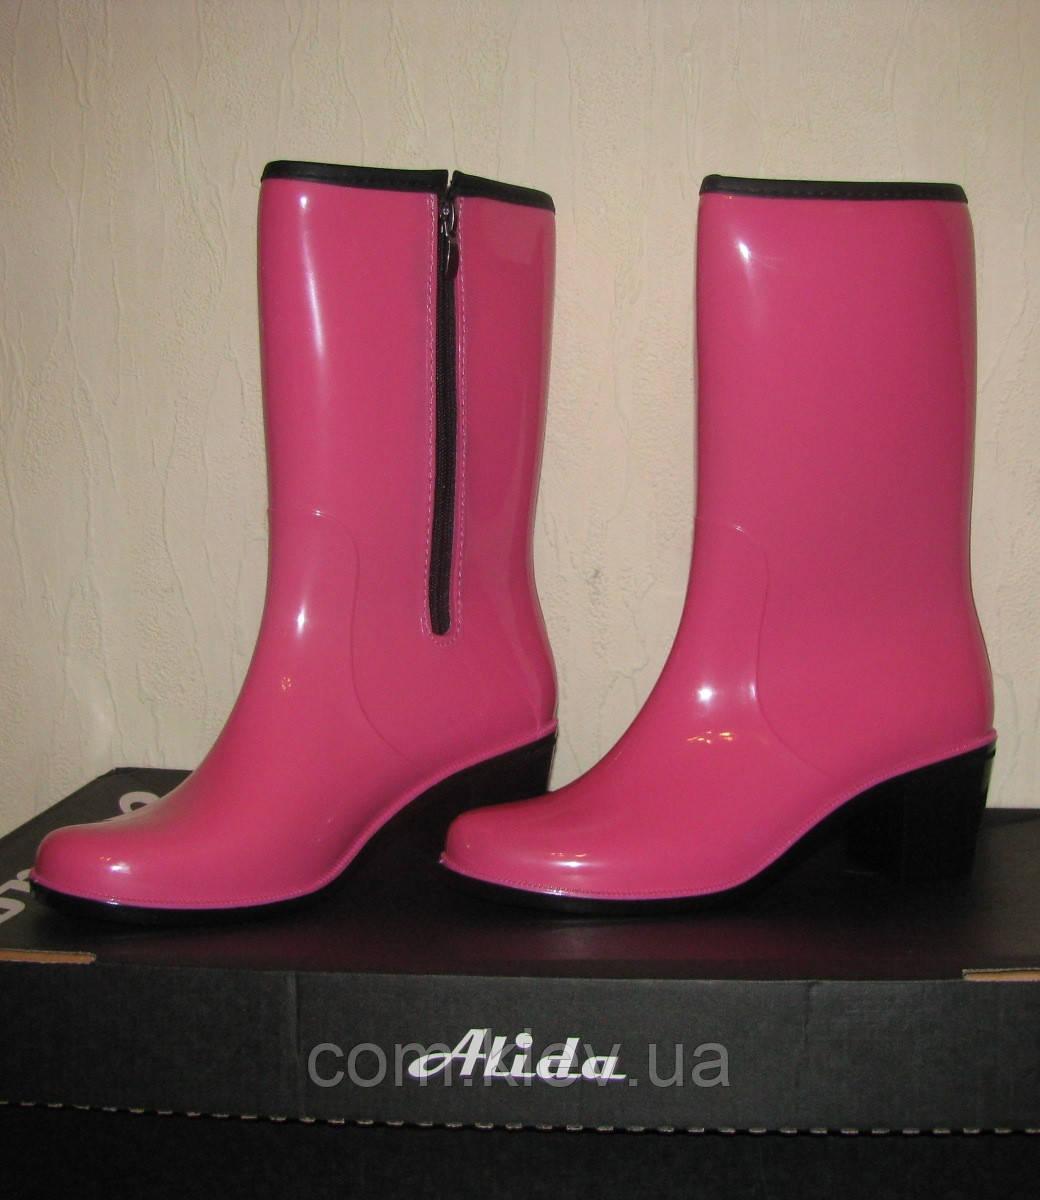 Сапоги женские резиновые ПС 20-2 Alida на молнии 39 (розовый)